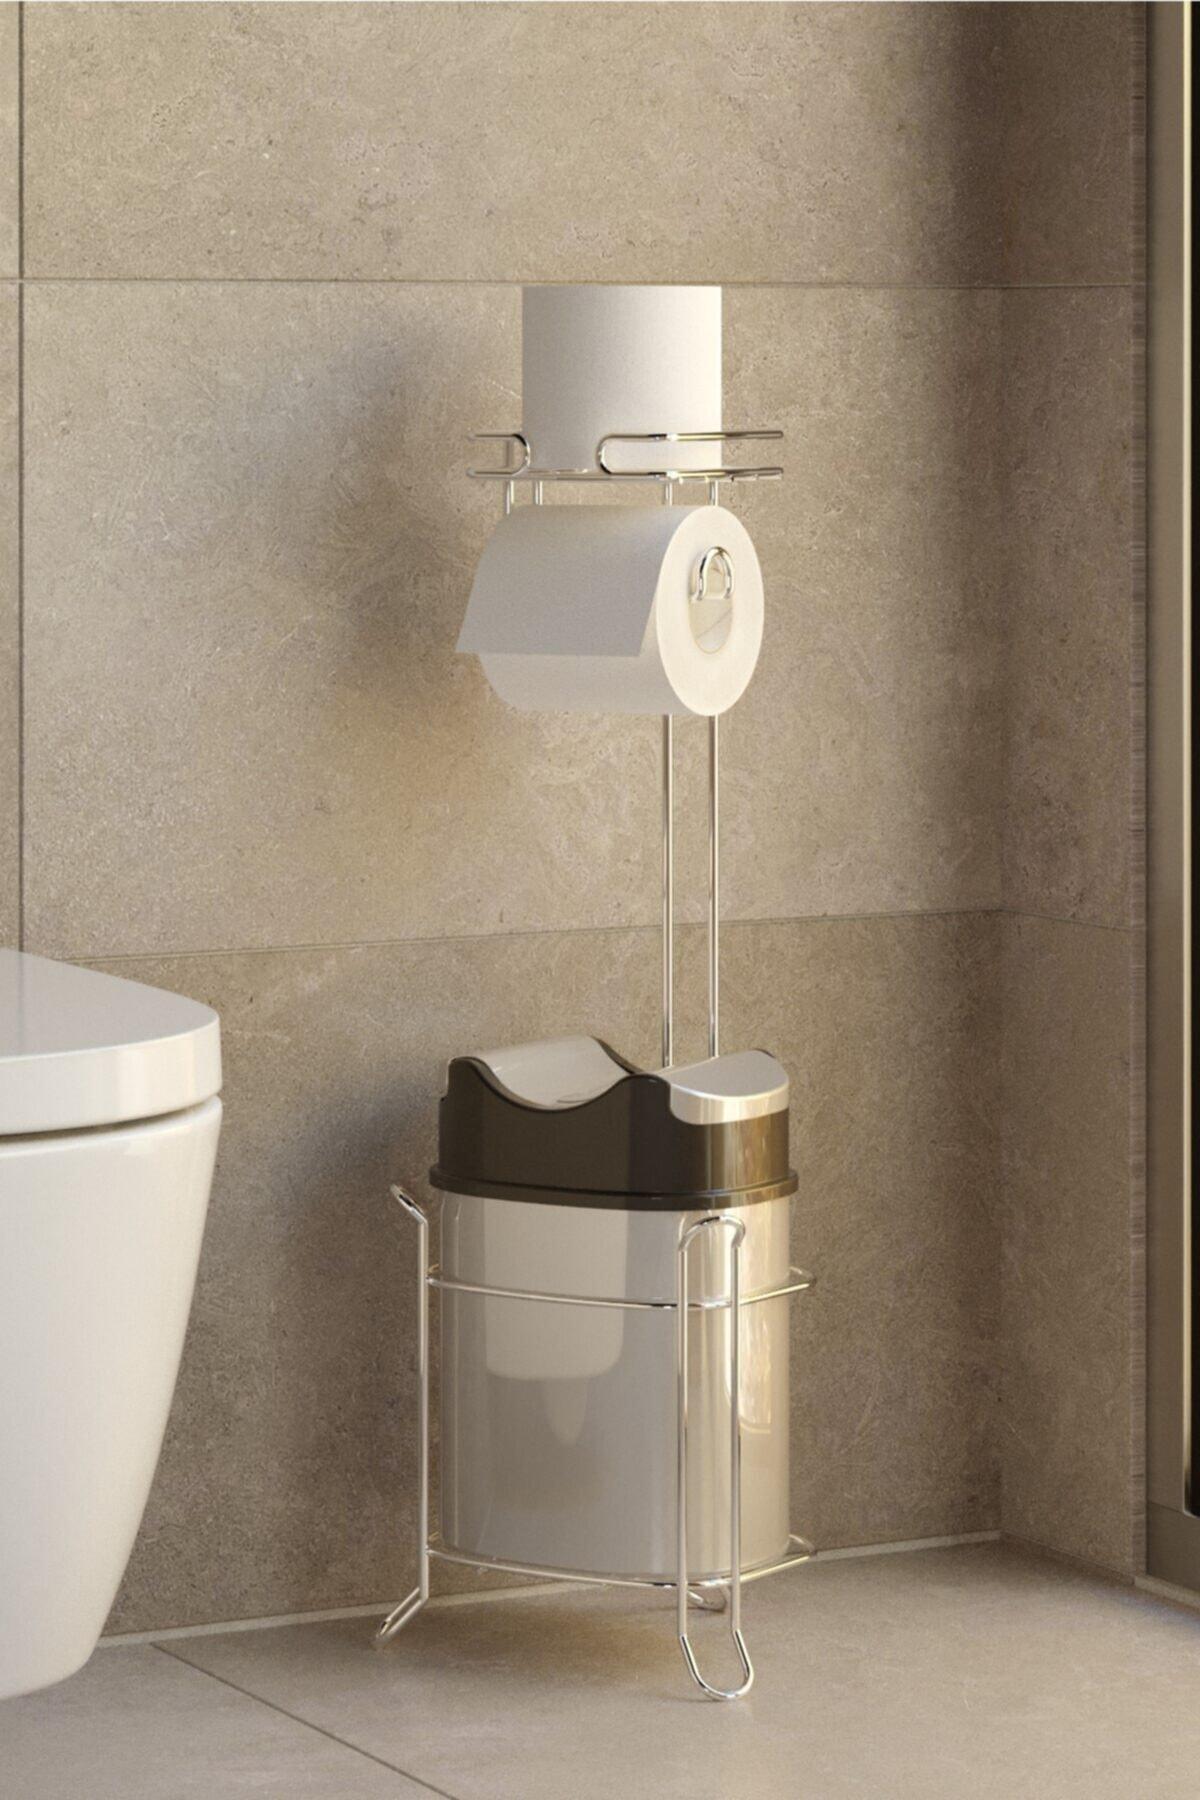 Yutan Kapak Çöp Kova Ve Tuvalet Kağıtlık Krom+gri Mg098